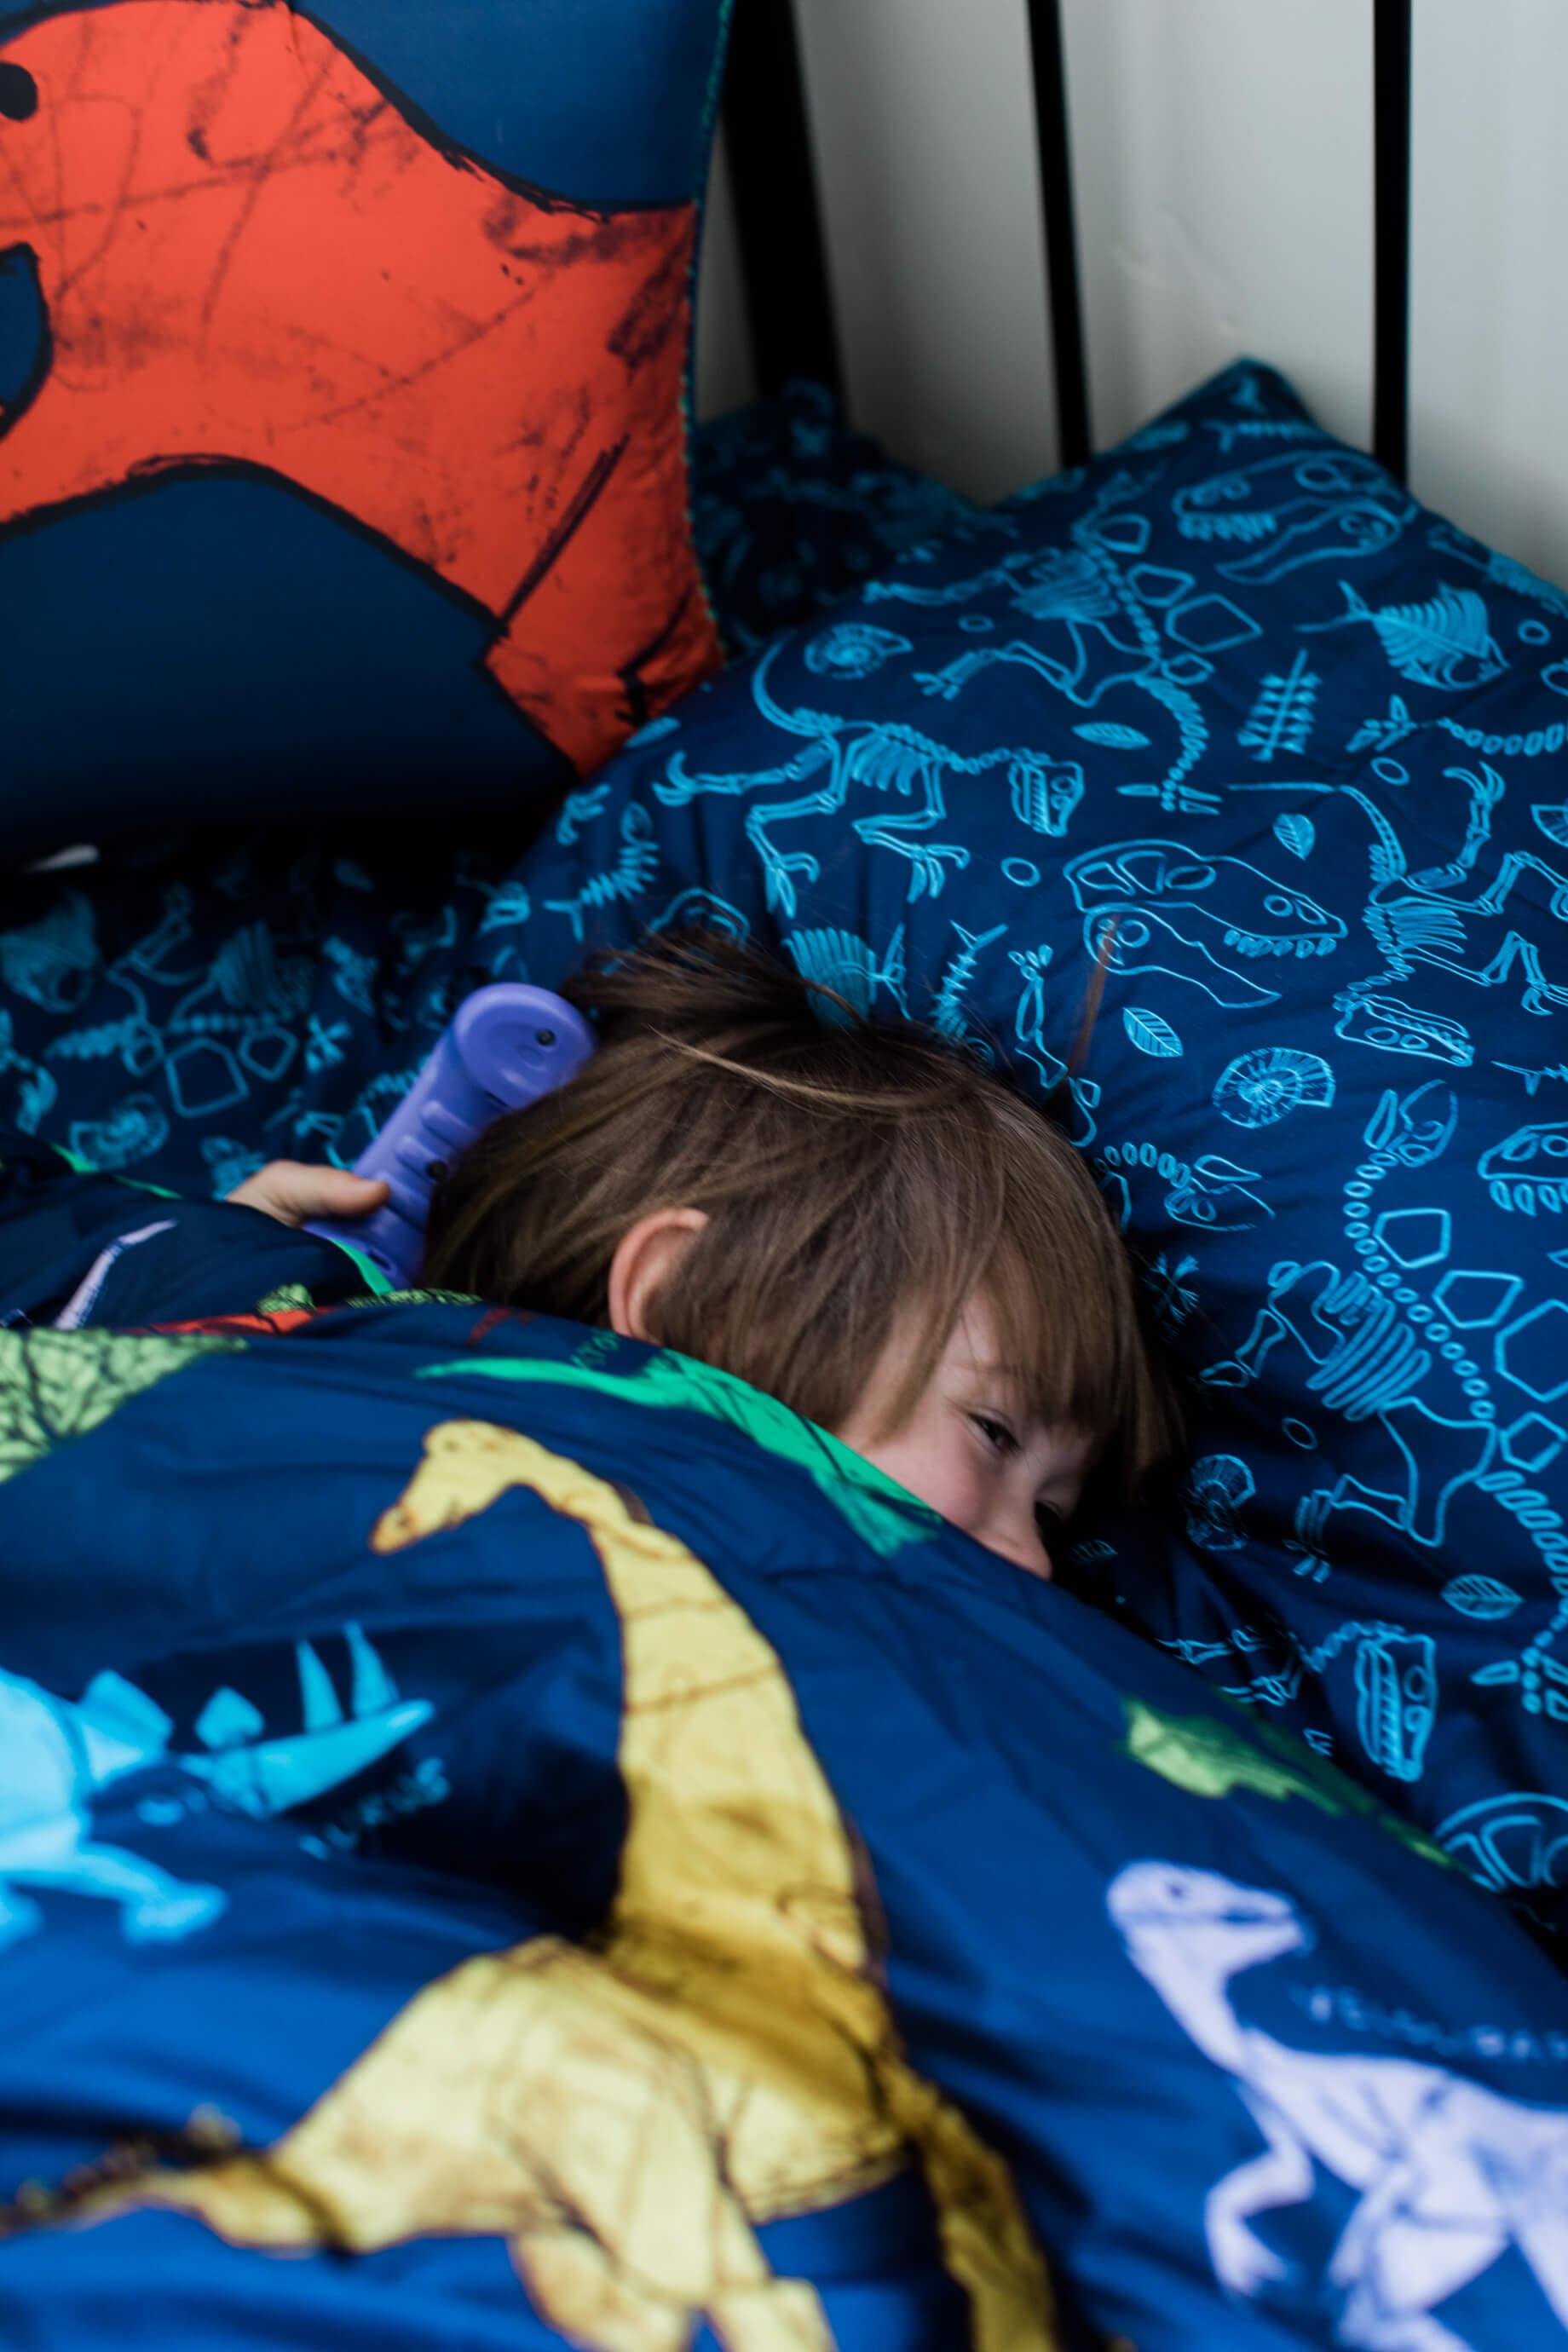 dinosaur bedding sheets - M Loves M @marmar